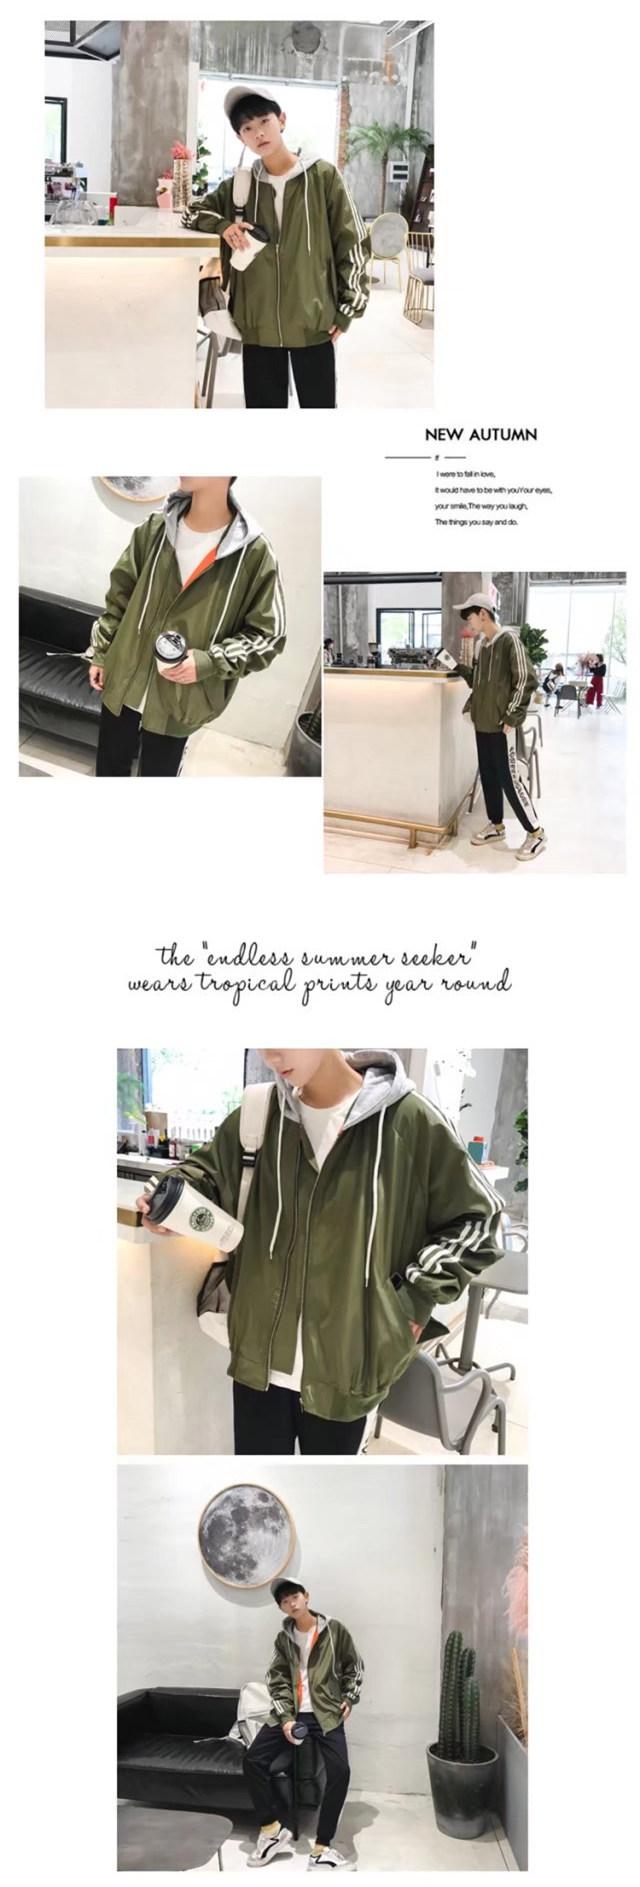 Hàn quốc phiên bản của áo khoác nam mùa xuân và mùa thu xu hướng lỏng đẹp trai hoang dã áo khoác áo khoác sinh viên đồng phục bóng chày quần áo hip hop tide thương hiệu